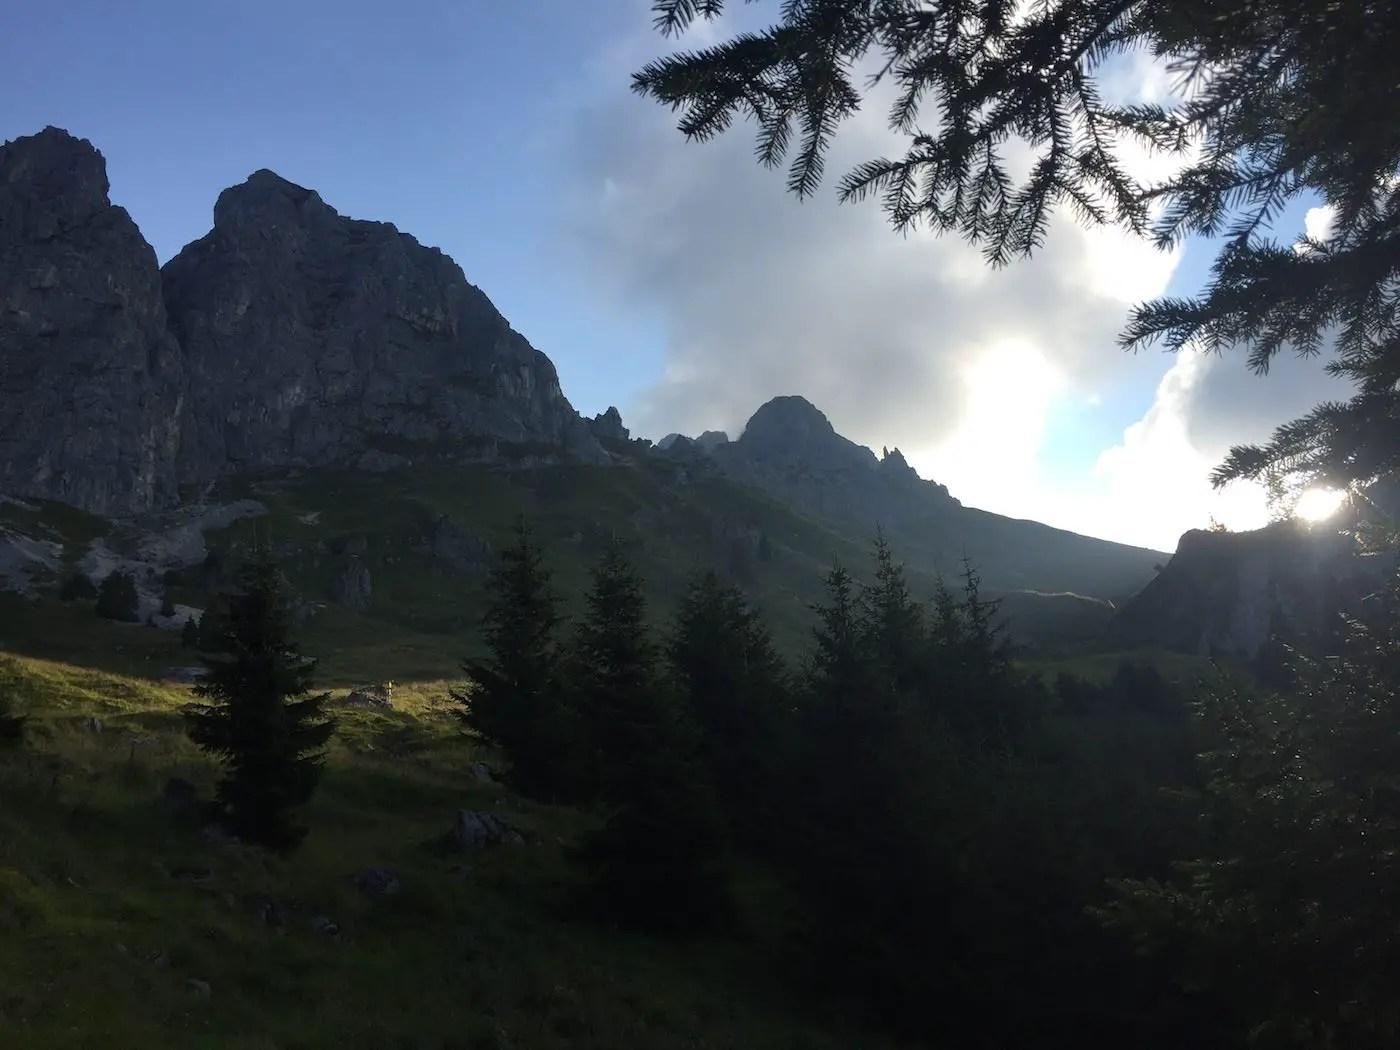 Kellenspitze (Metzenarsch), 2238m